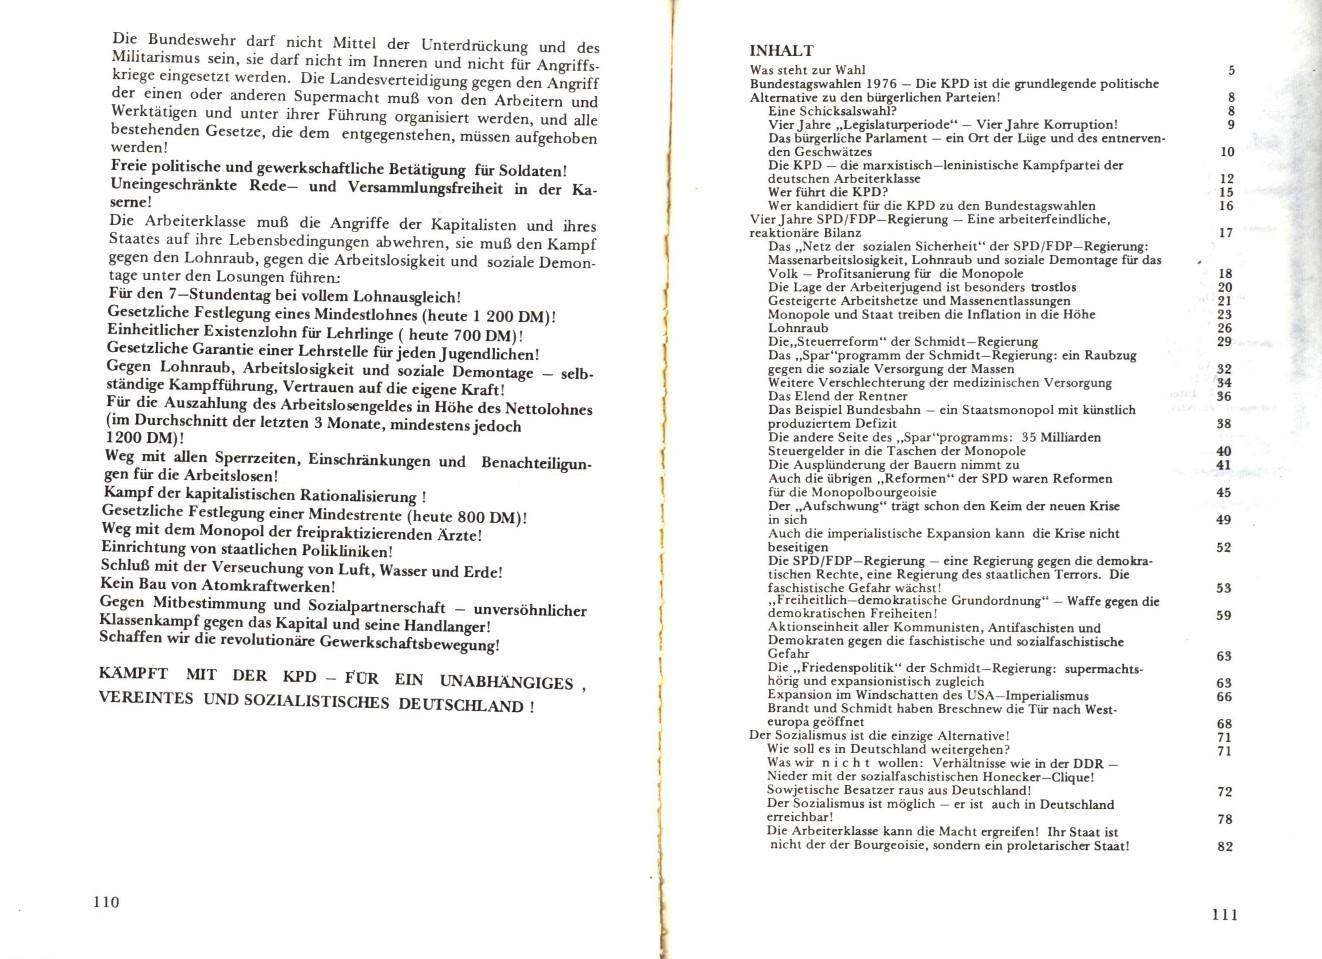 KPDAO_1976_Agitationsbroschuere_zur_BTW_57